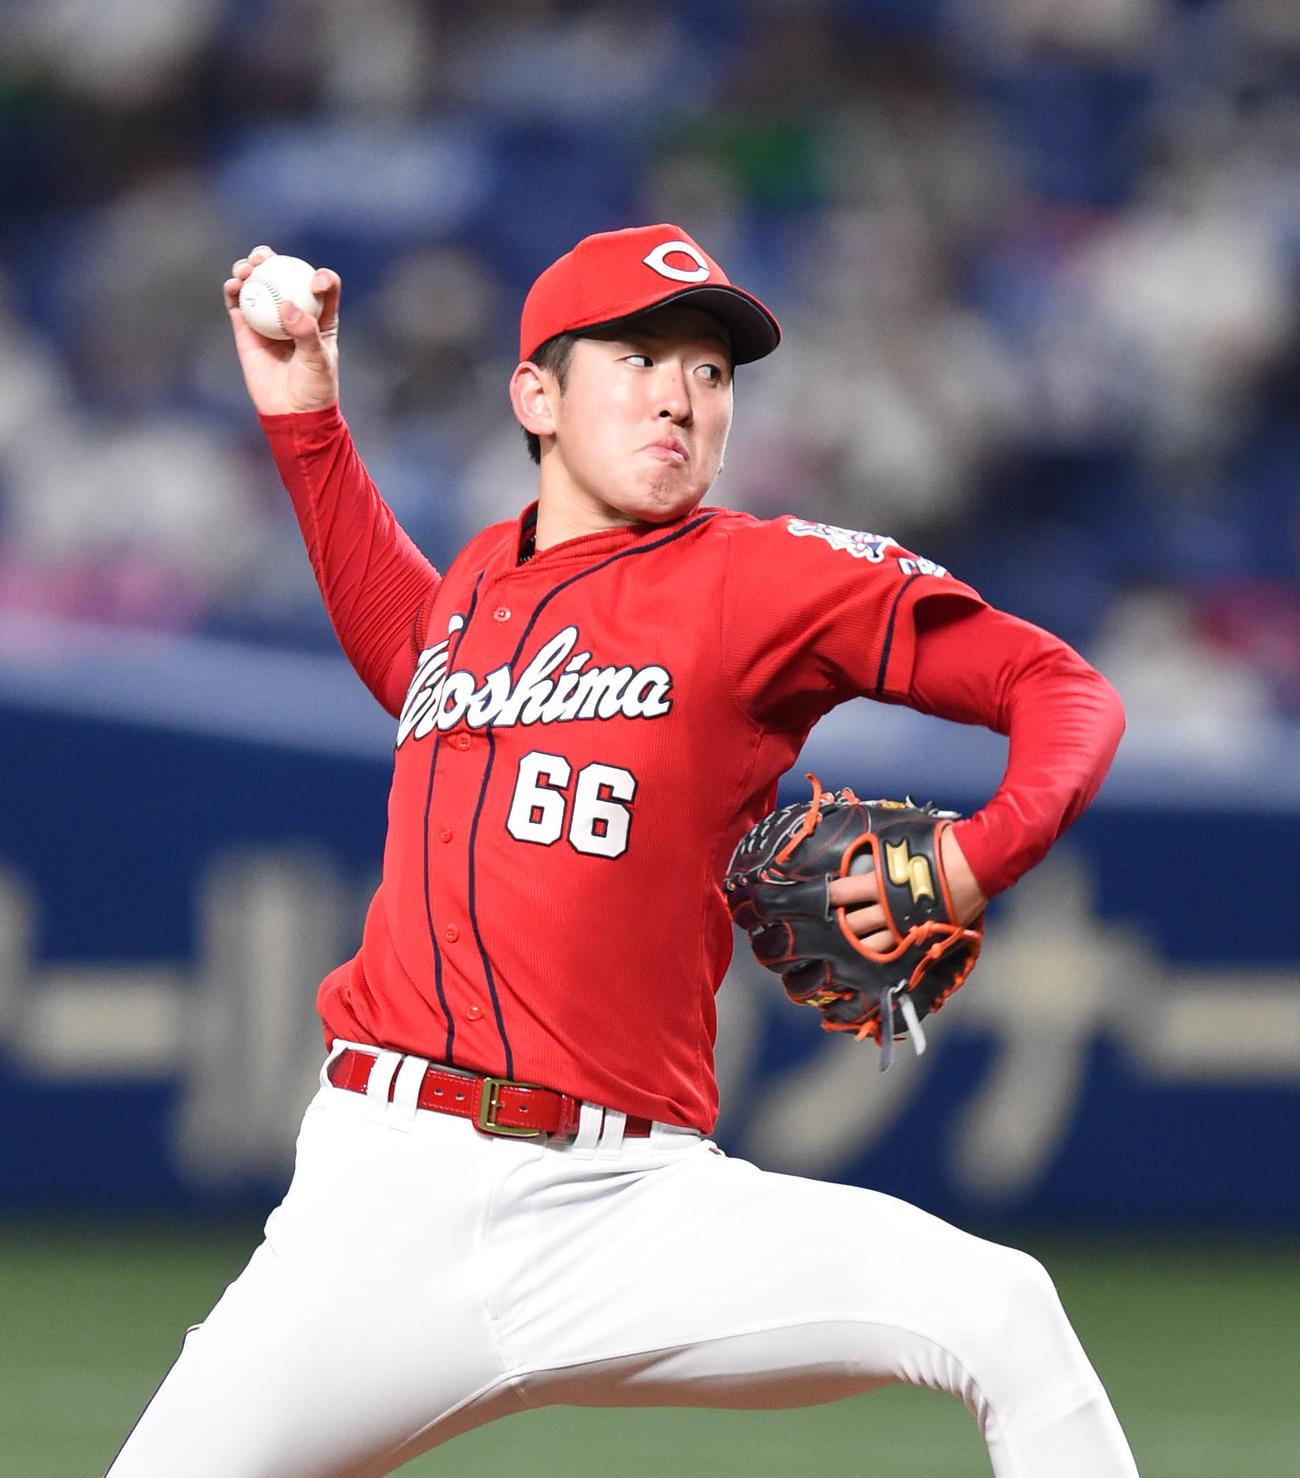 プロ野球中日対広島 2回裏、力投する広島先発の遠藤淳志(撮影・森本幸一)